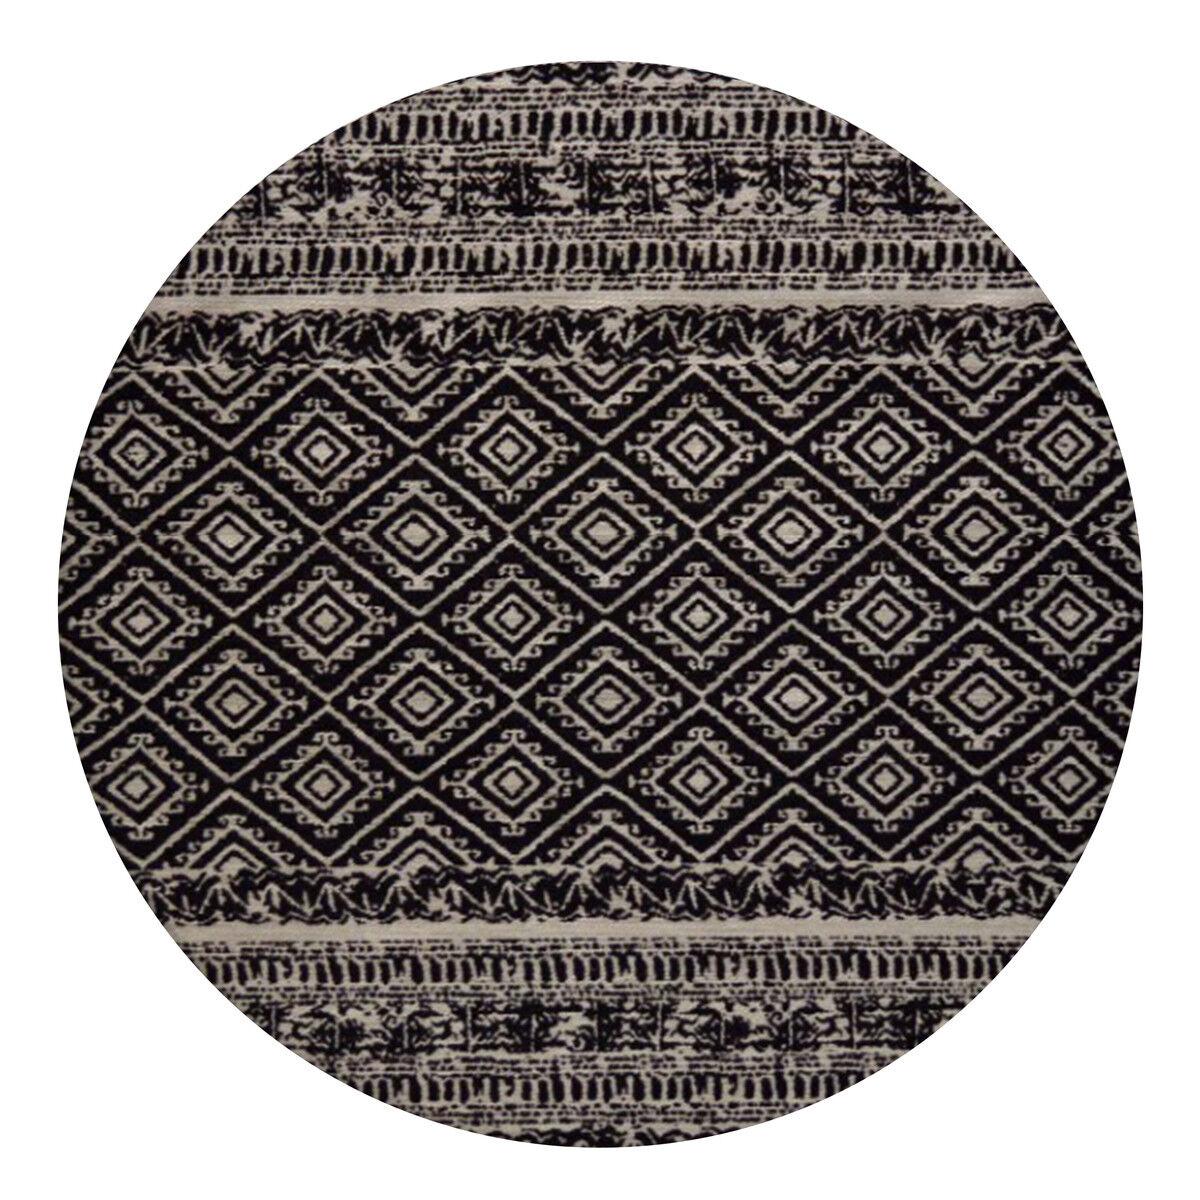 Confectionnées Indoor Outdoor Tapis Maya Aztèque Aztek Tapis Noir 160x160cm